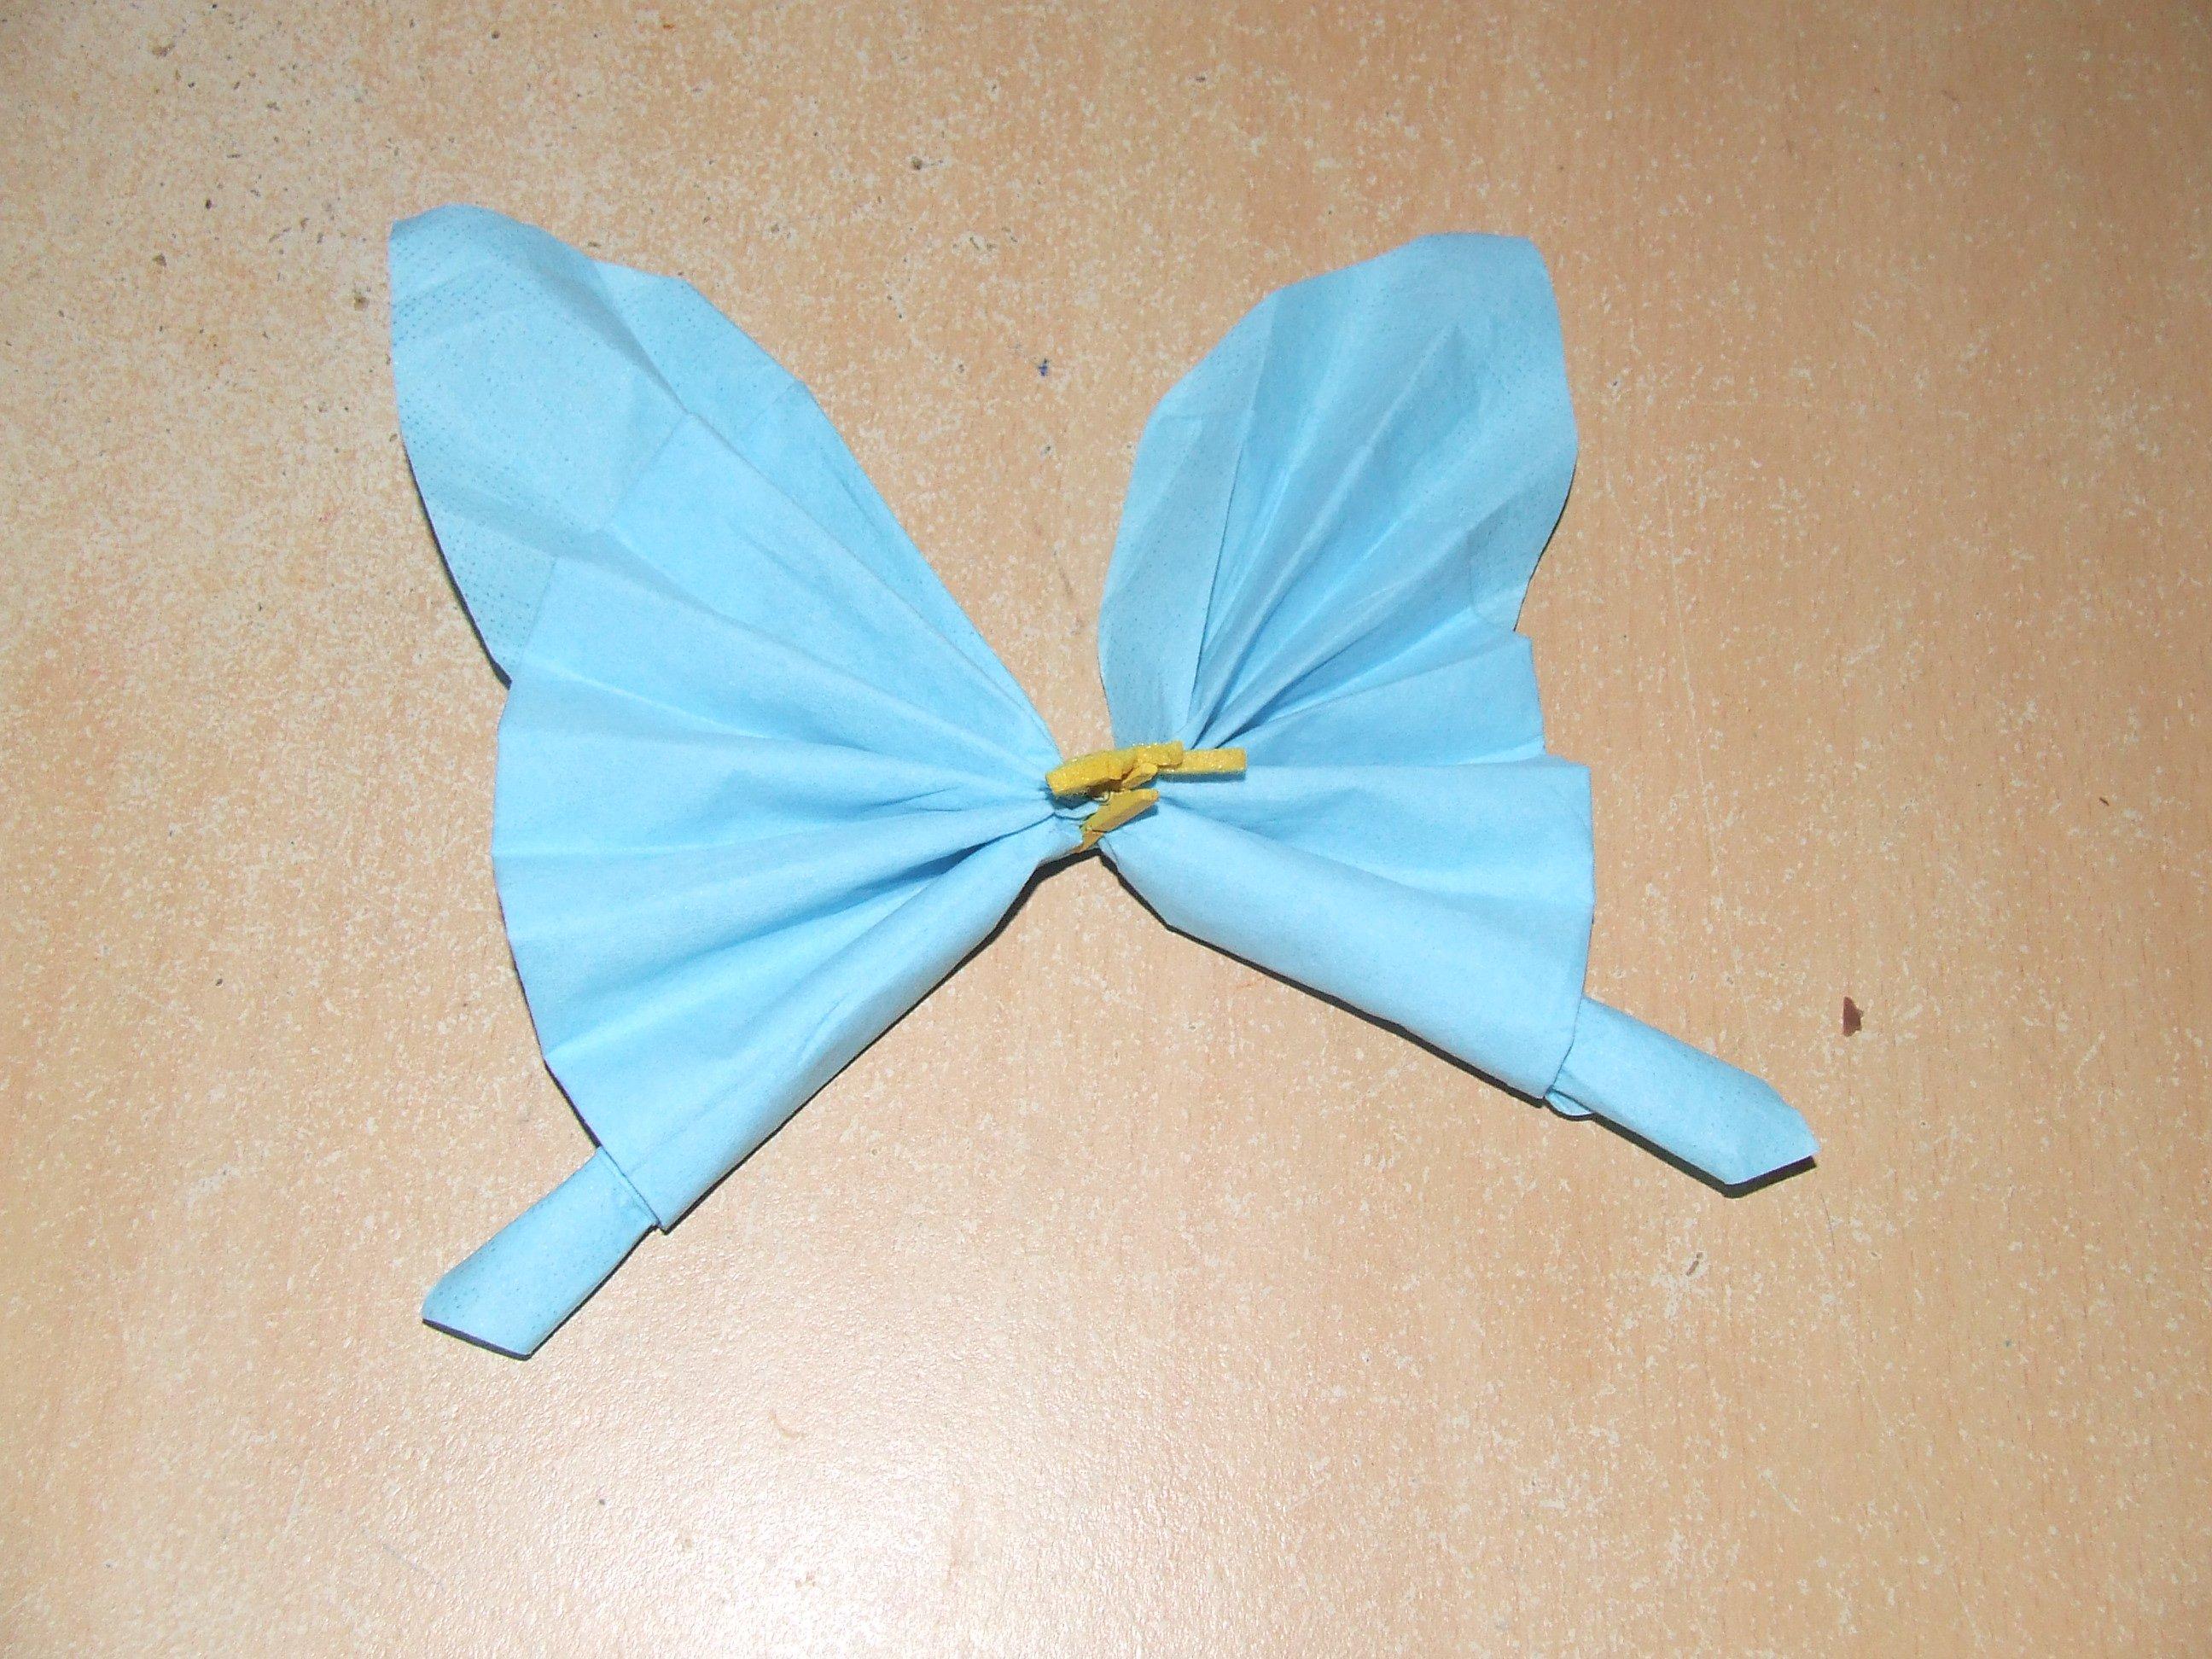 pliage serviette papillon prepa bapteme ptitevivi62 photos club doctissimo. Black Bedroom Furniture Sets. Home Design Ideas